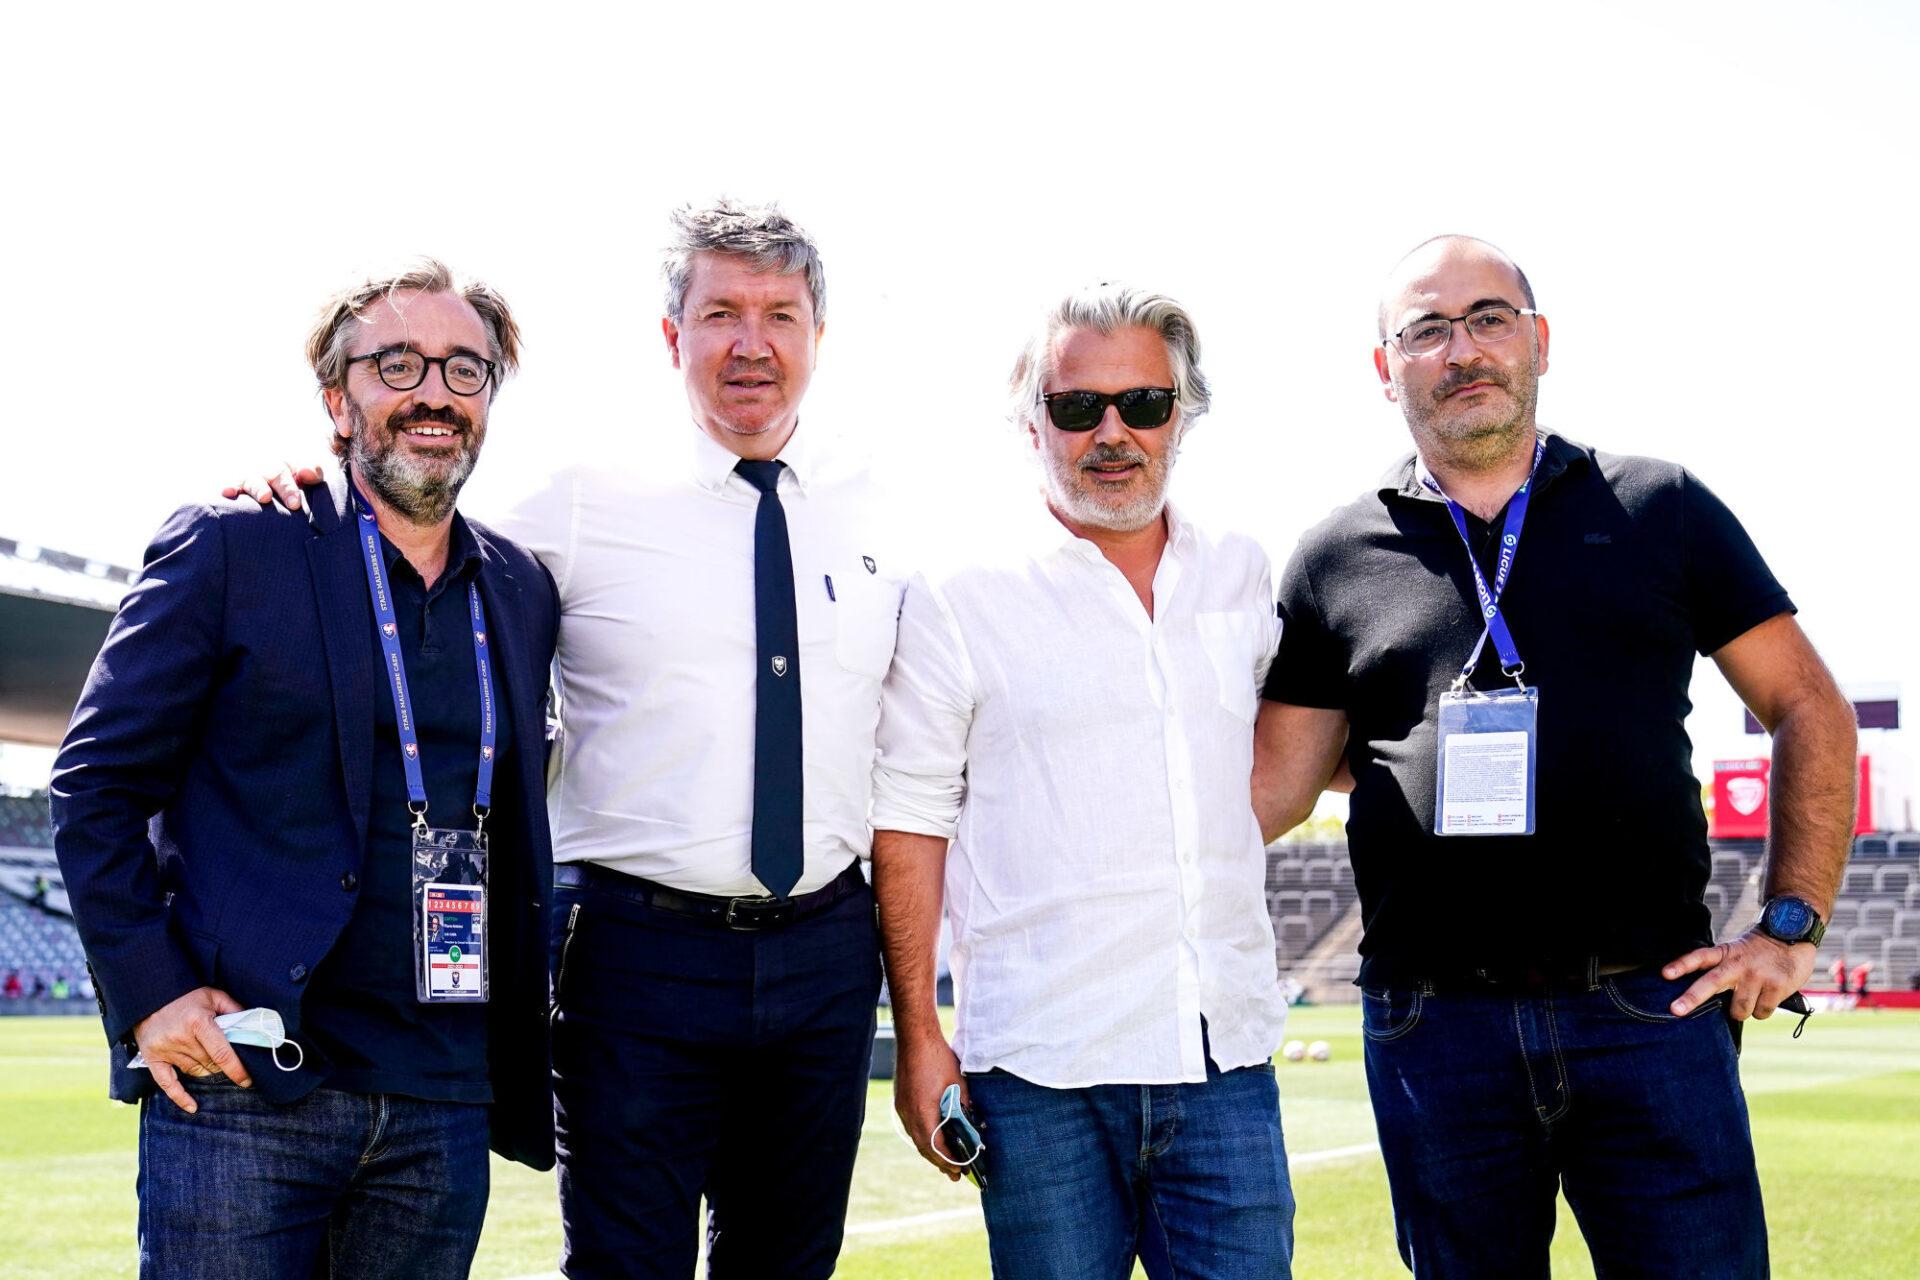 Vincent Labrune et la LFP ont officiellement indiqué pourquoi ils sont contre la Coupe du monde tous les deux ans. Icon Sport